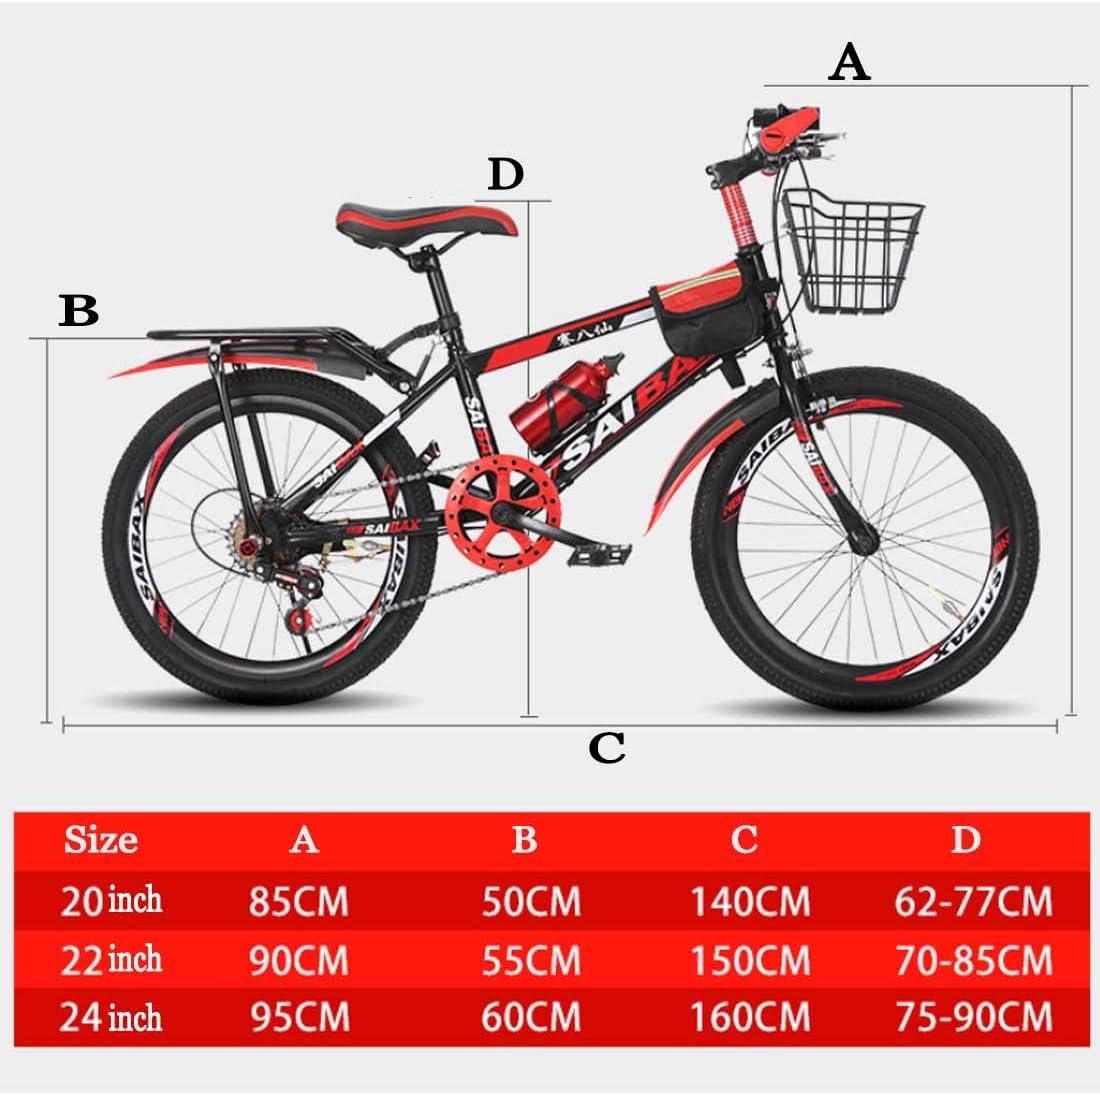 MYMGG Bicicleta Infantil para Niños Y Niñas A Partir De 8 Años Bici De Montaña 20,22,24 Pulgadas Mountainbike: Amazon.es: Deportes y aire libre